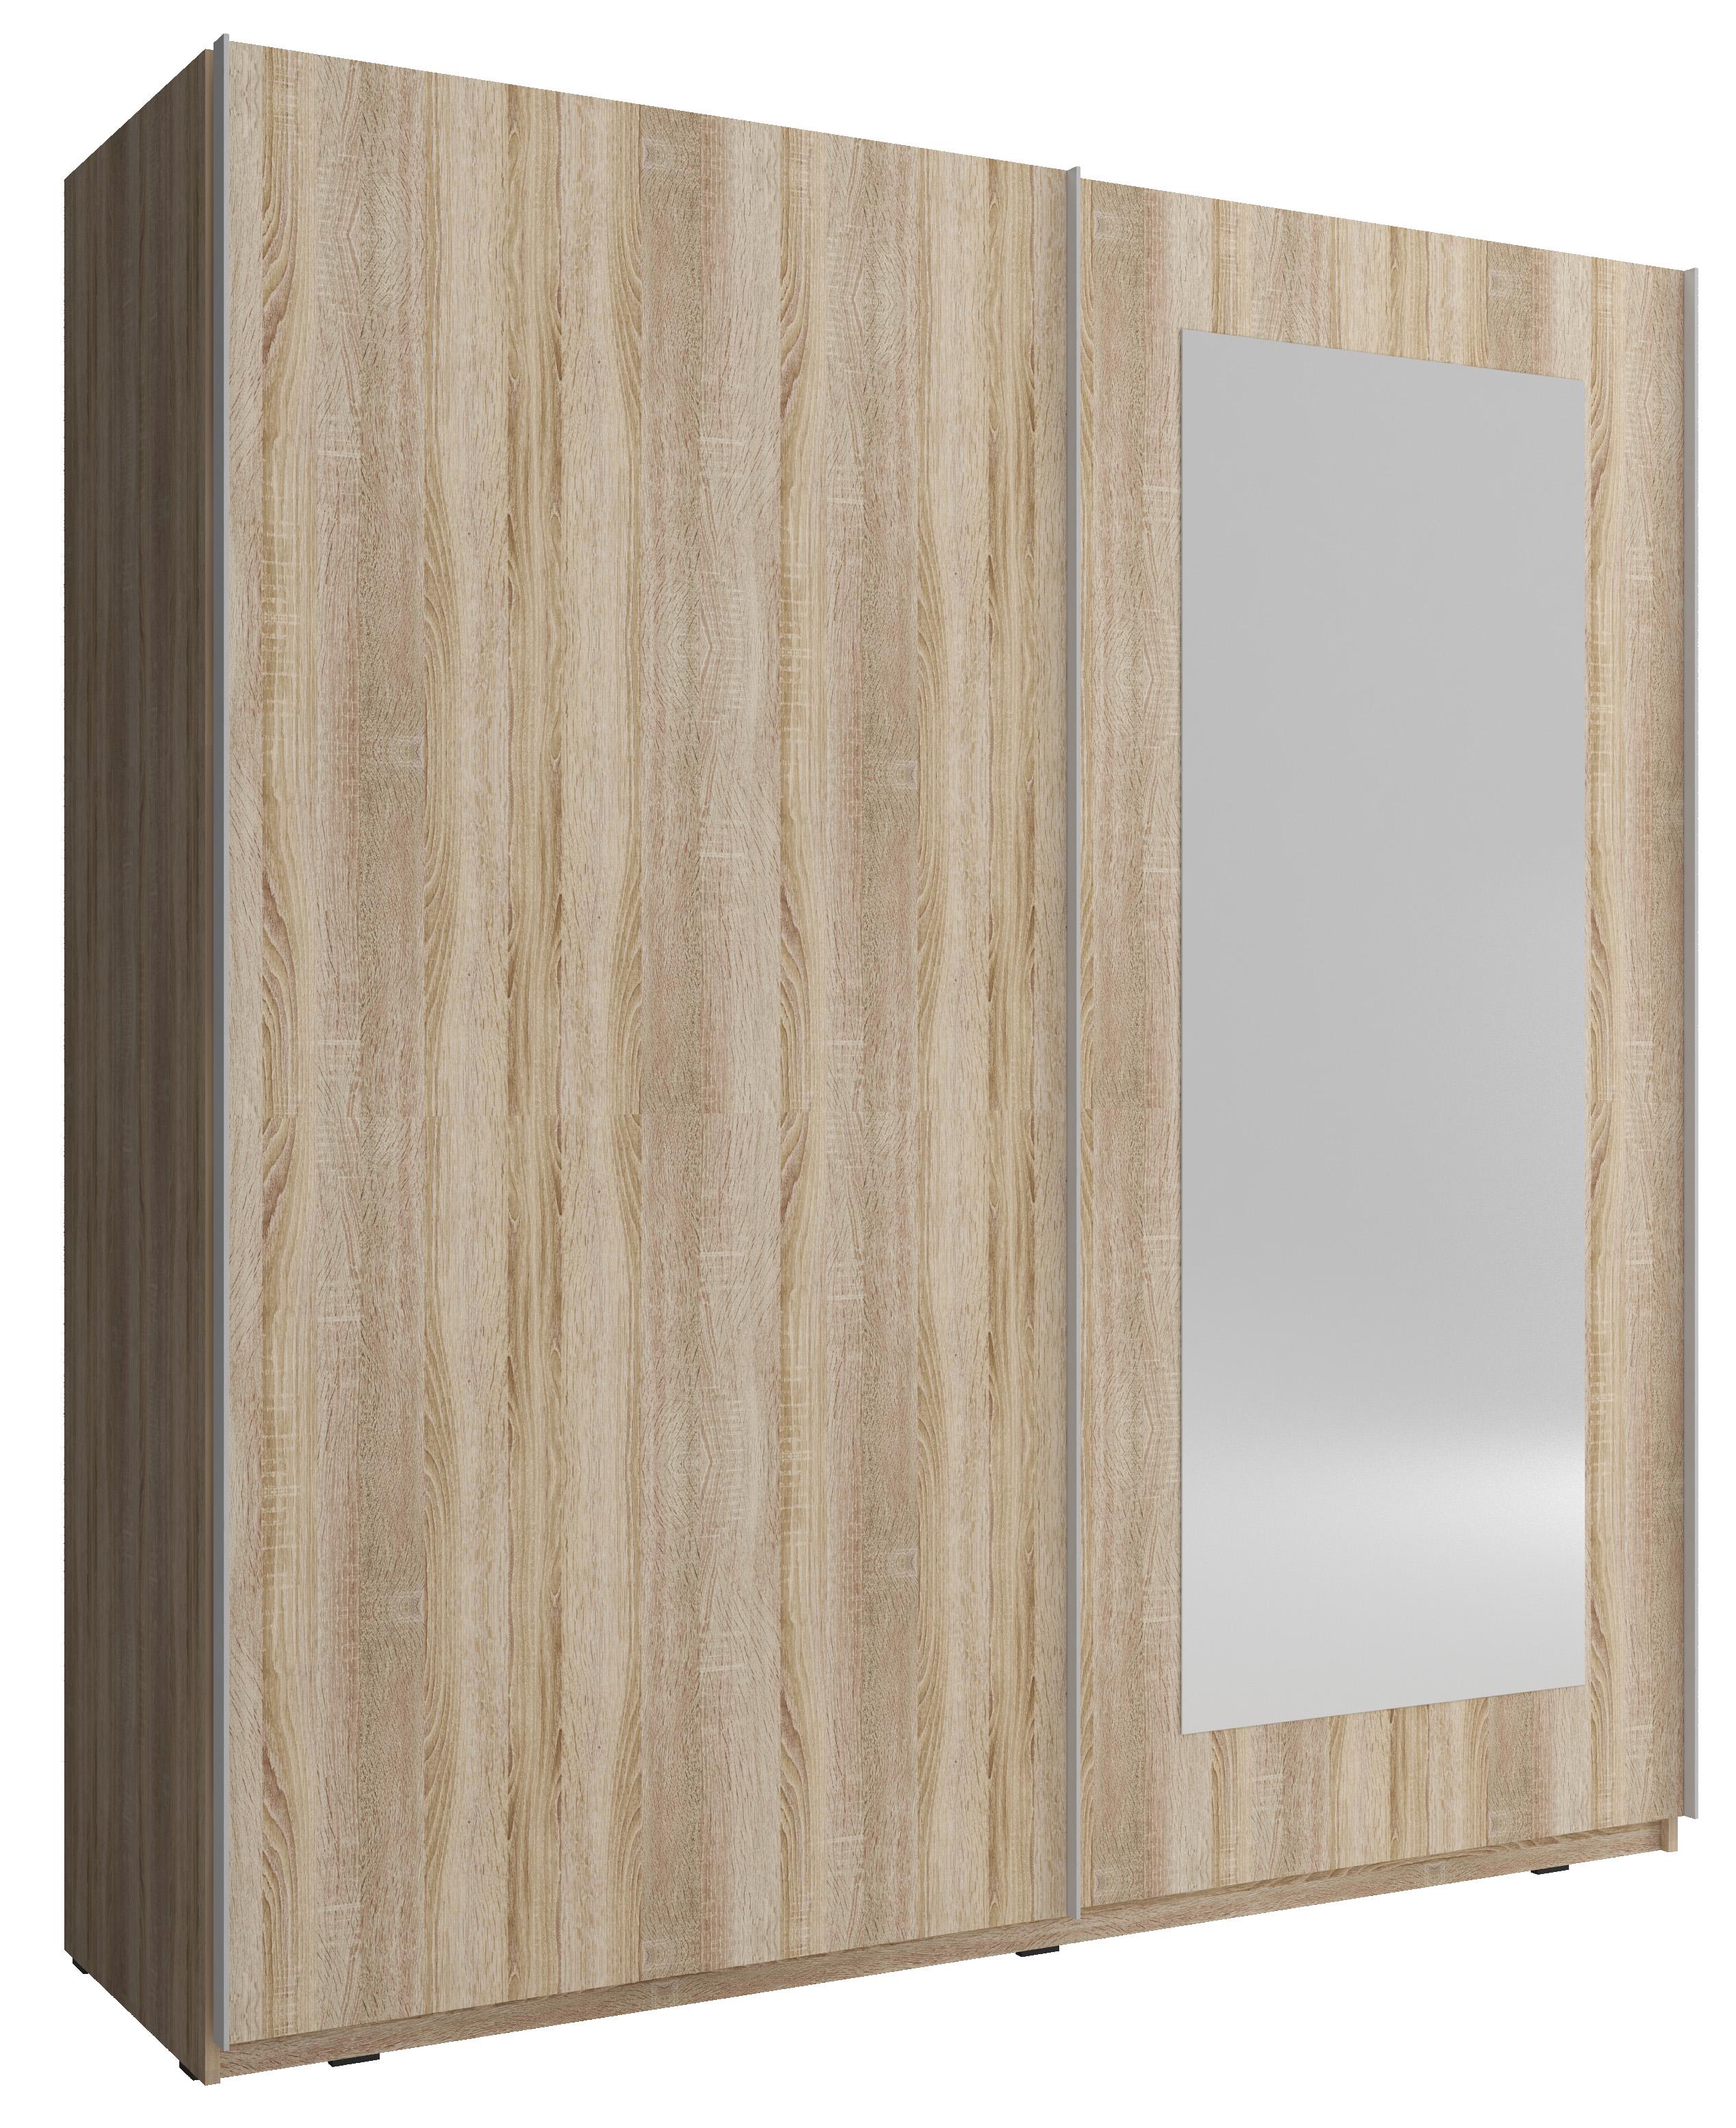 kleiderschrank mit schiebet ren garderobe schrank wei 150 cm wei neleviii ebay. Black Bedroom Furniture Sets. Home Design Ideas